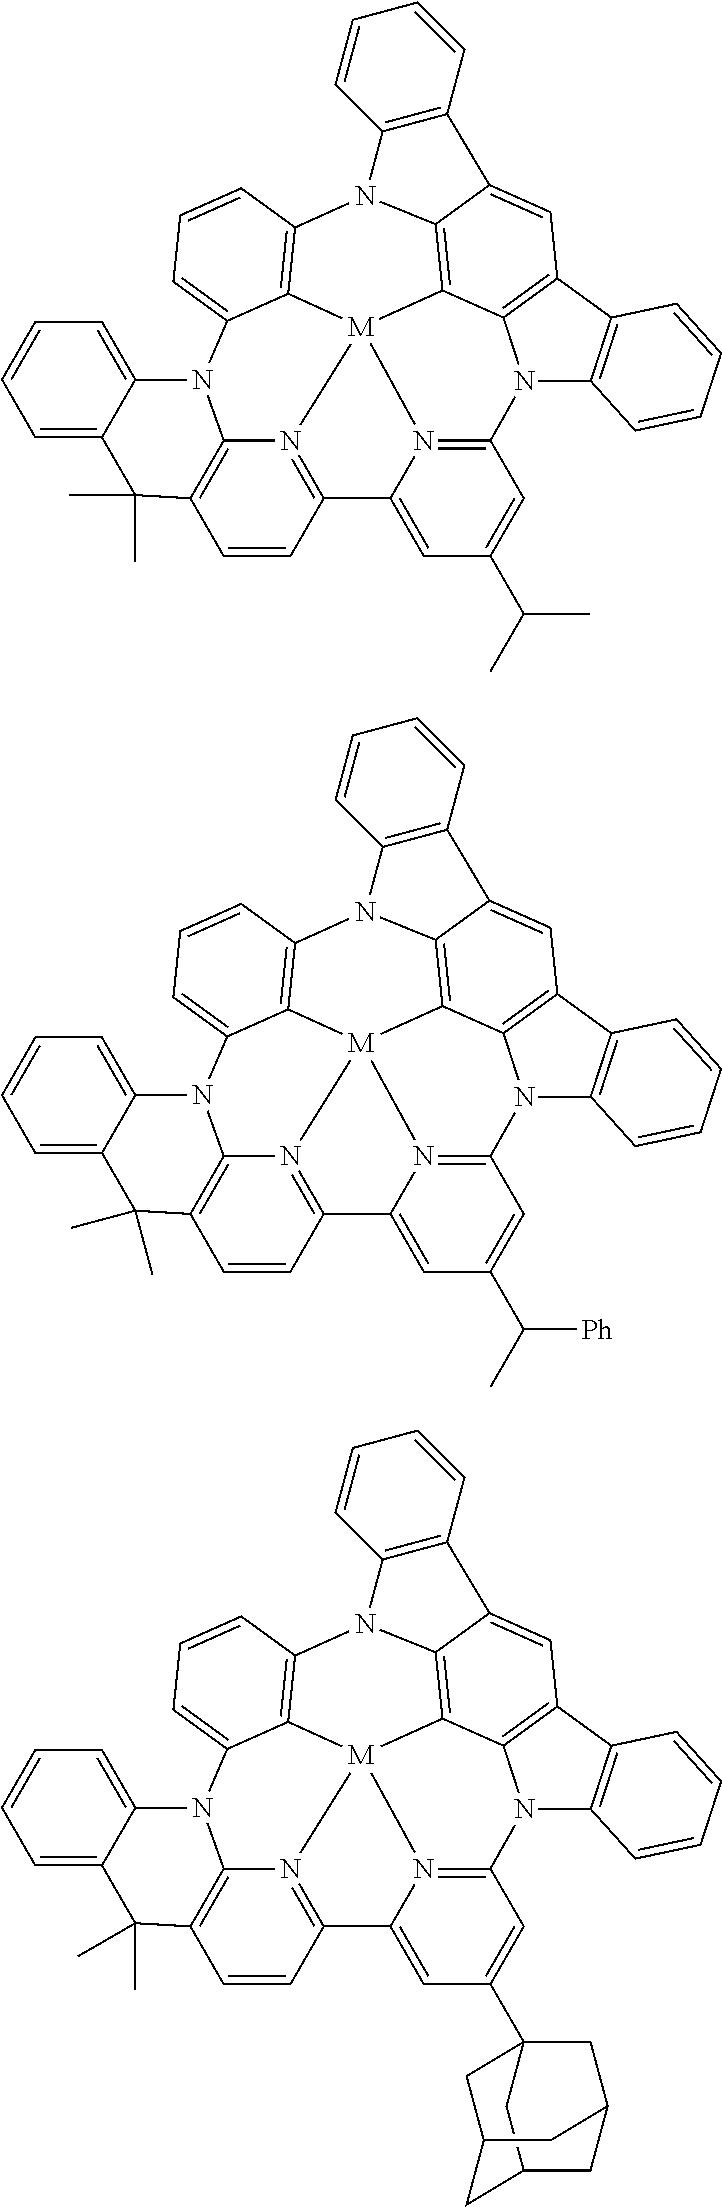 Figure US10158091-20181218-C00160